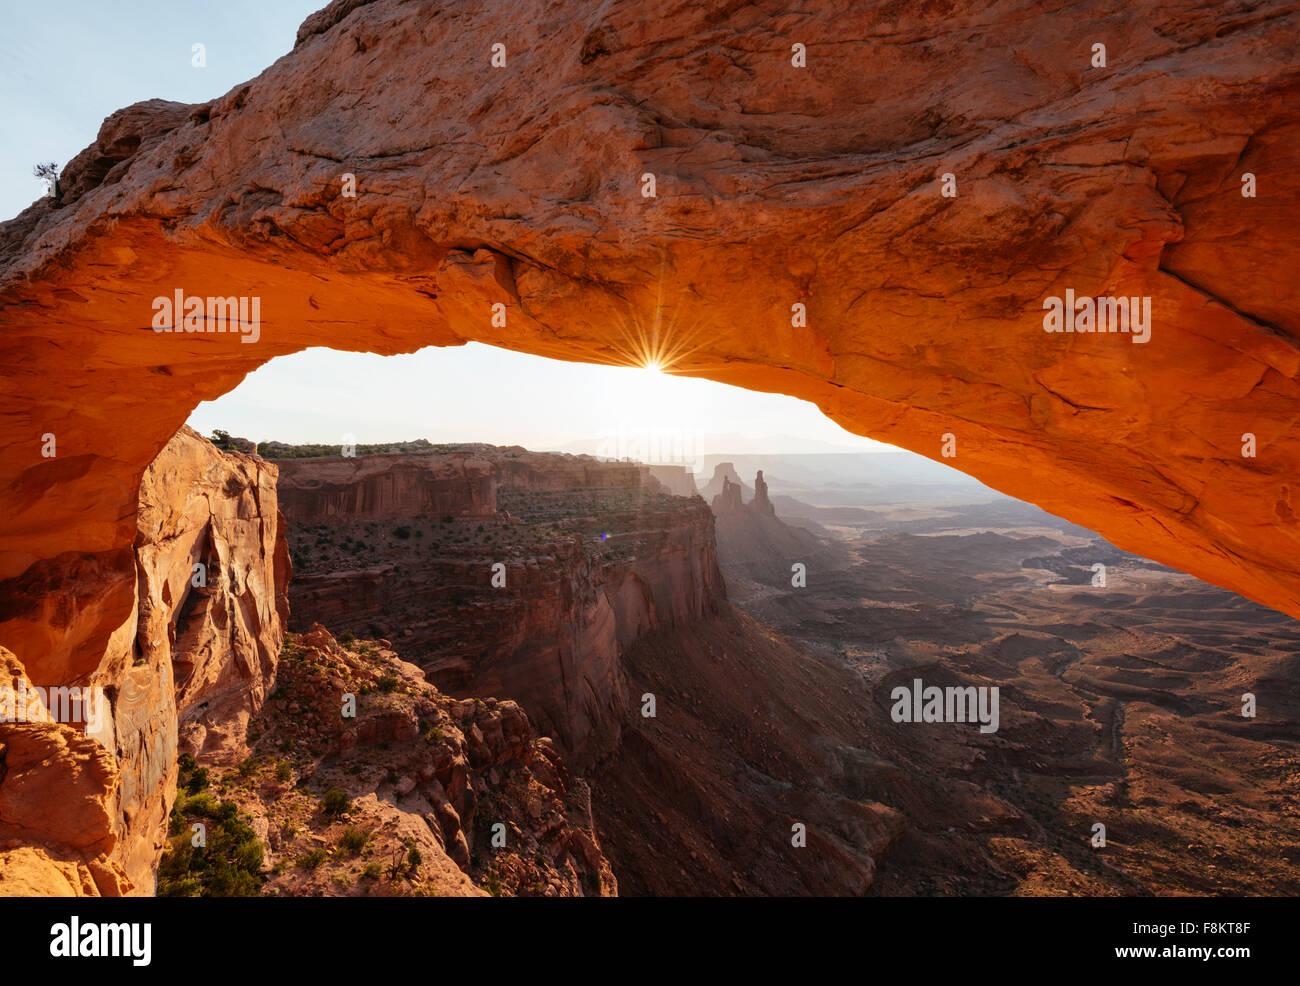 Mesa Arch at dawn, Canyonlands National Park, Utah, USA - Stock Image